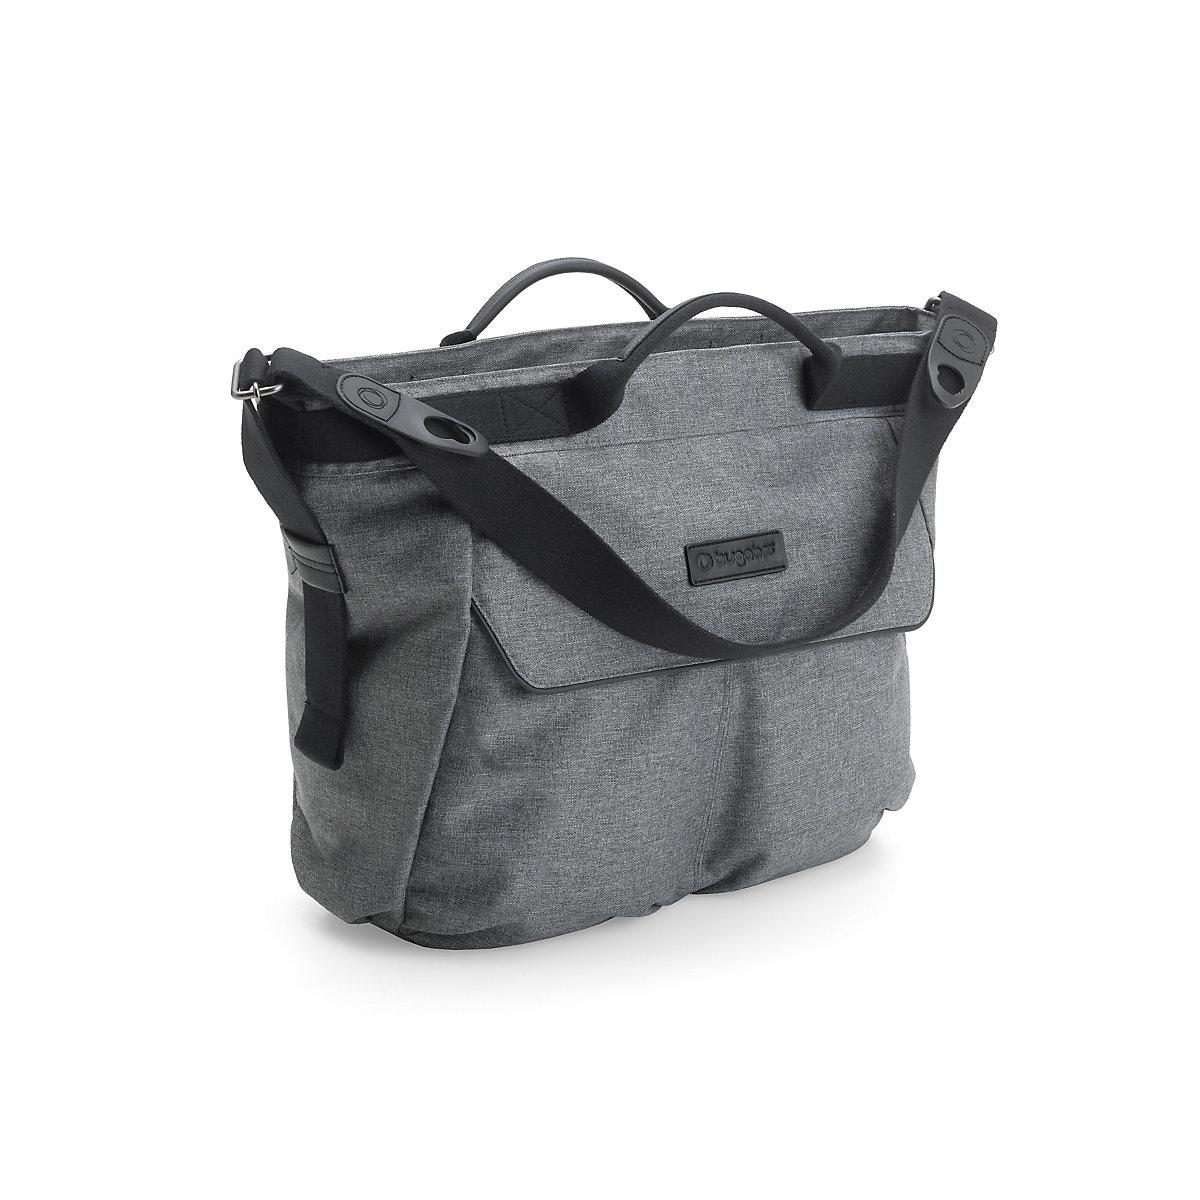 Bugaboo changing bag - grey melange